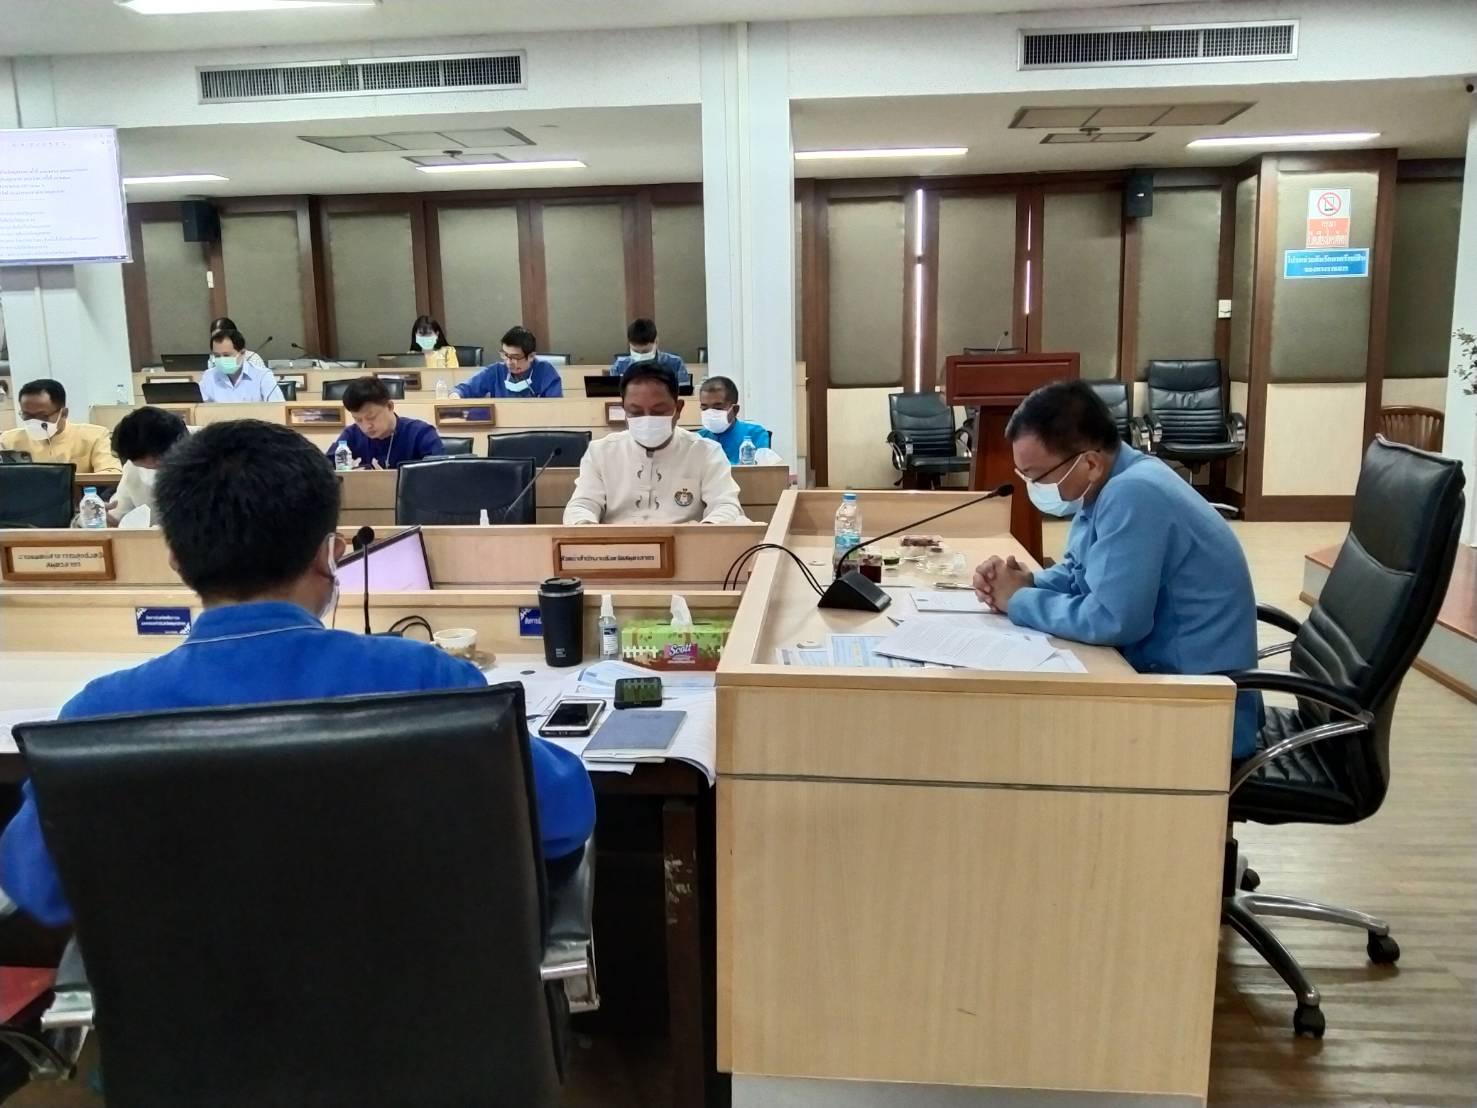 เข้าร่วมประชุม พร้อมกับคณะกรรมการโรคติดต่อจังหวัดสมุทรสาคร  วันศุกร์ที่ 15  ตุลาคม  2564 เวลา 09.30